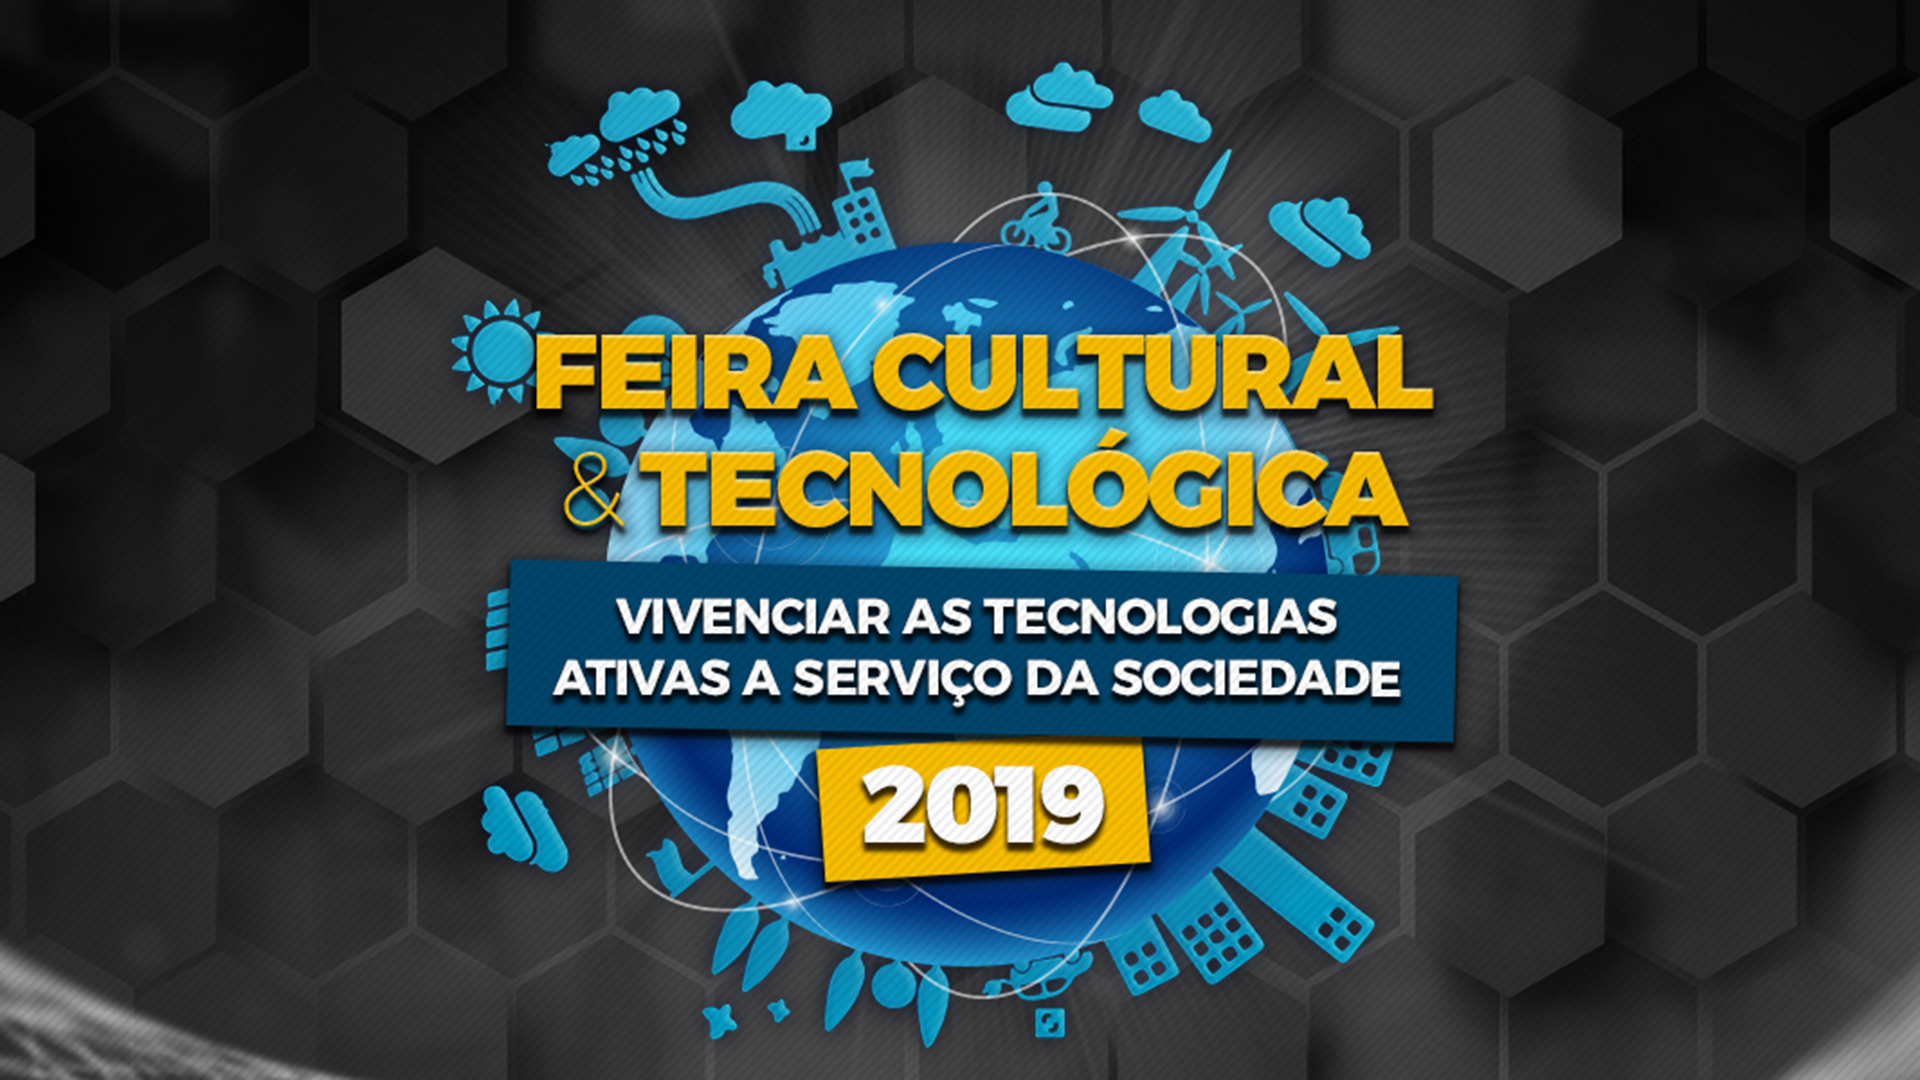 [Feira Cultural e Tecnológica 2019]